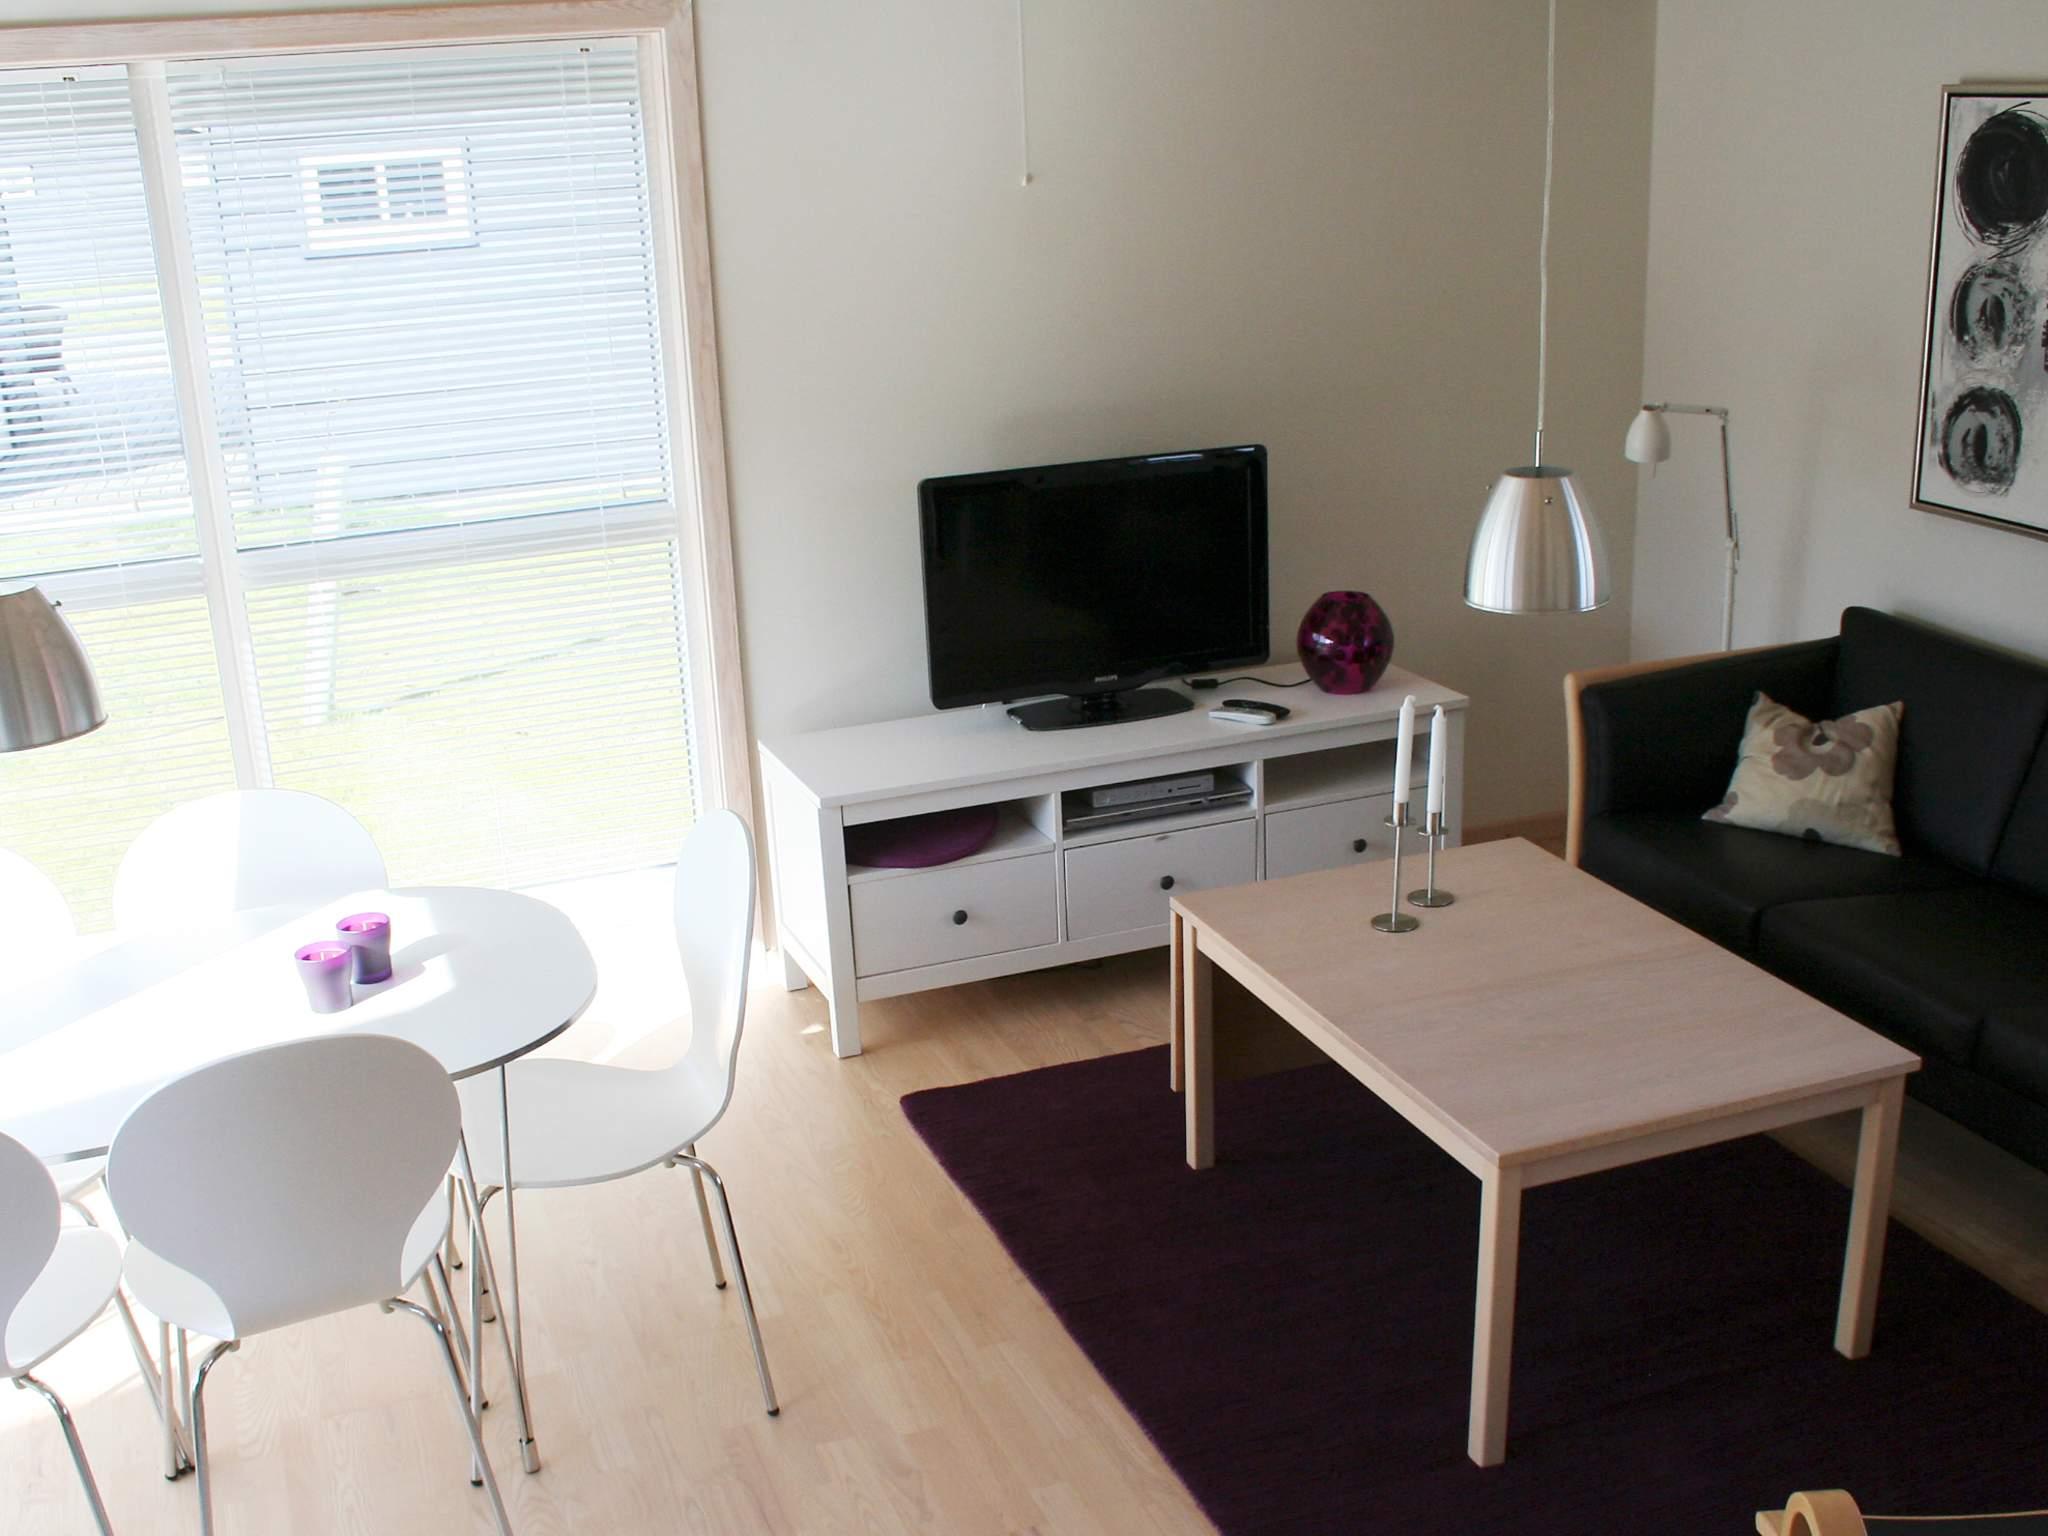 Ferienhaus Rø/Gudhjem (500241), Gudhjem, , Bornholm, Dänemark, Bild 4